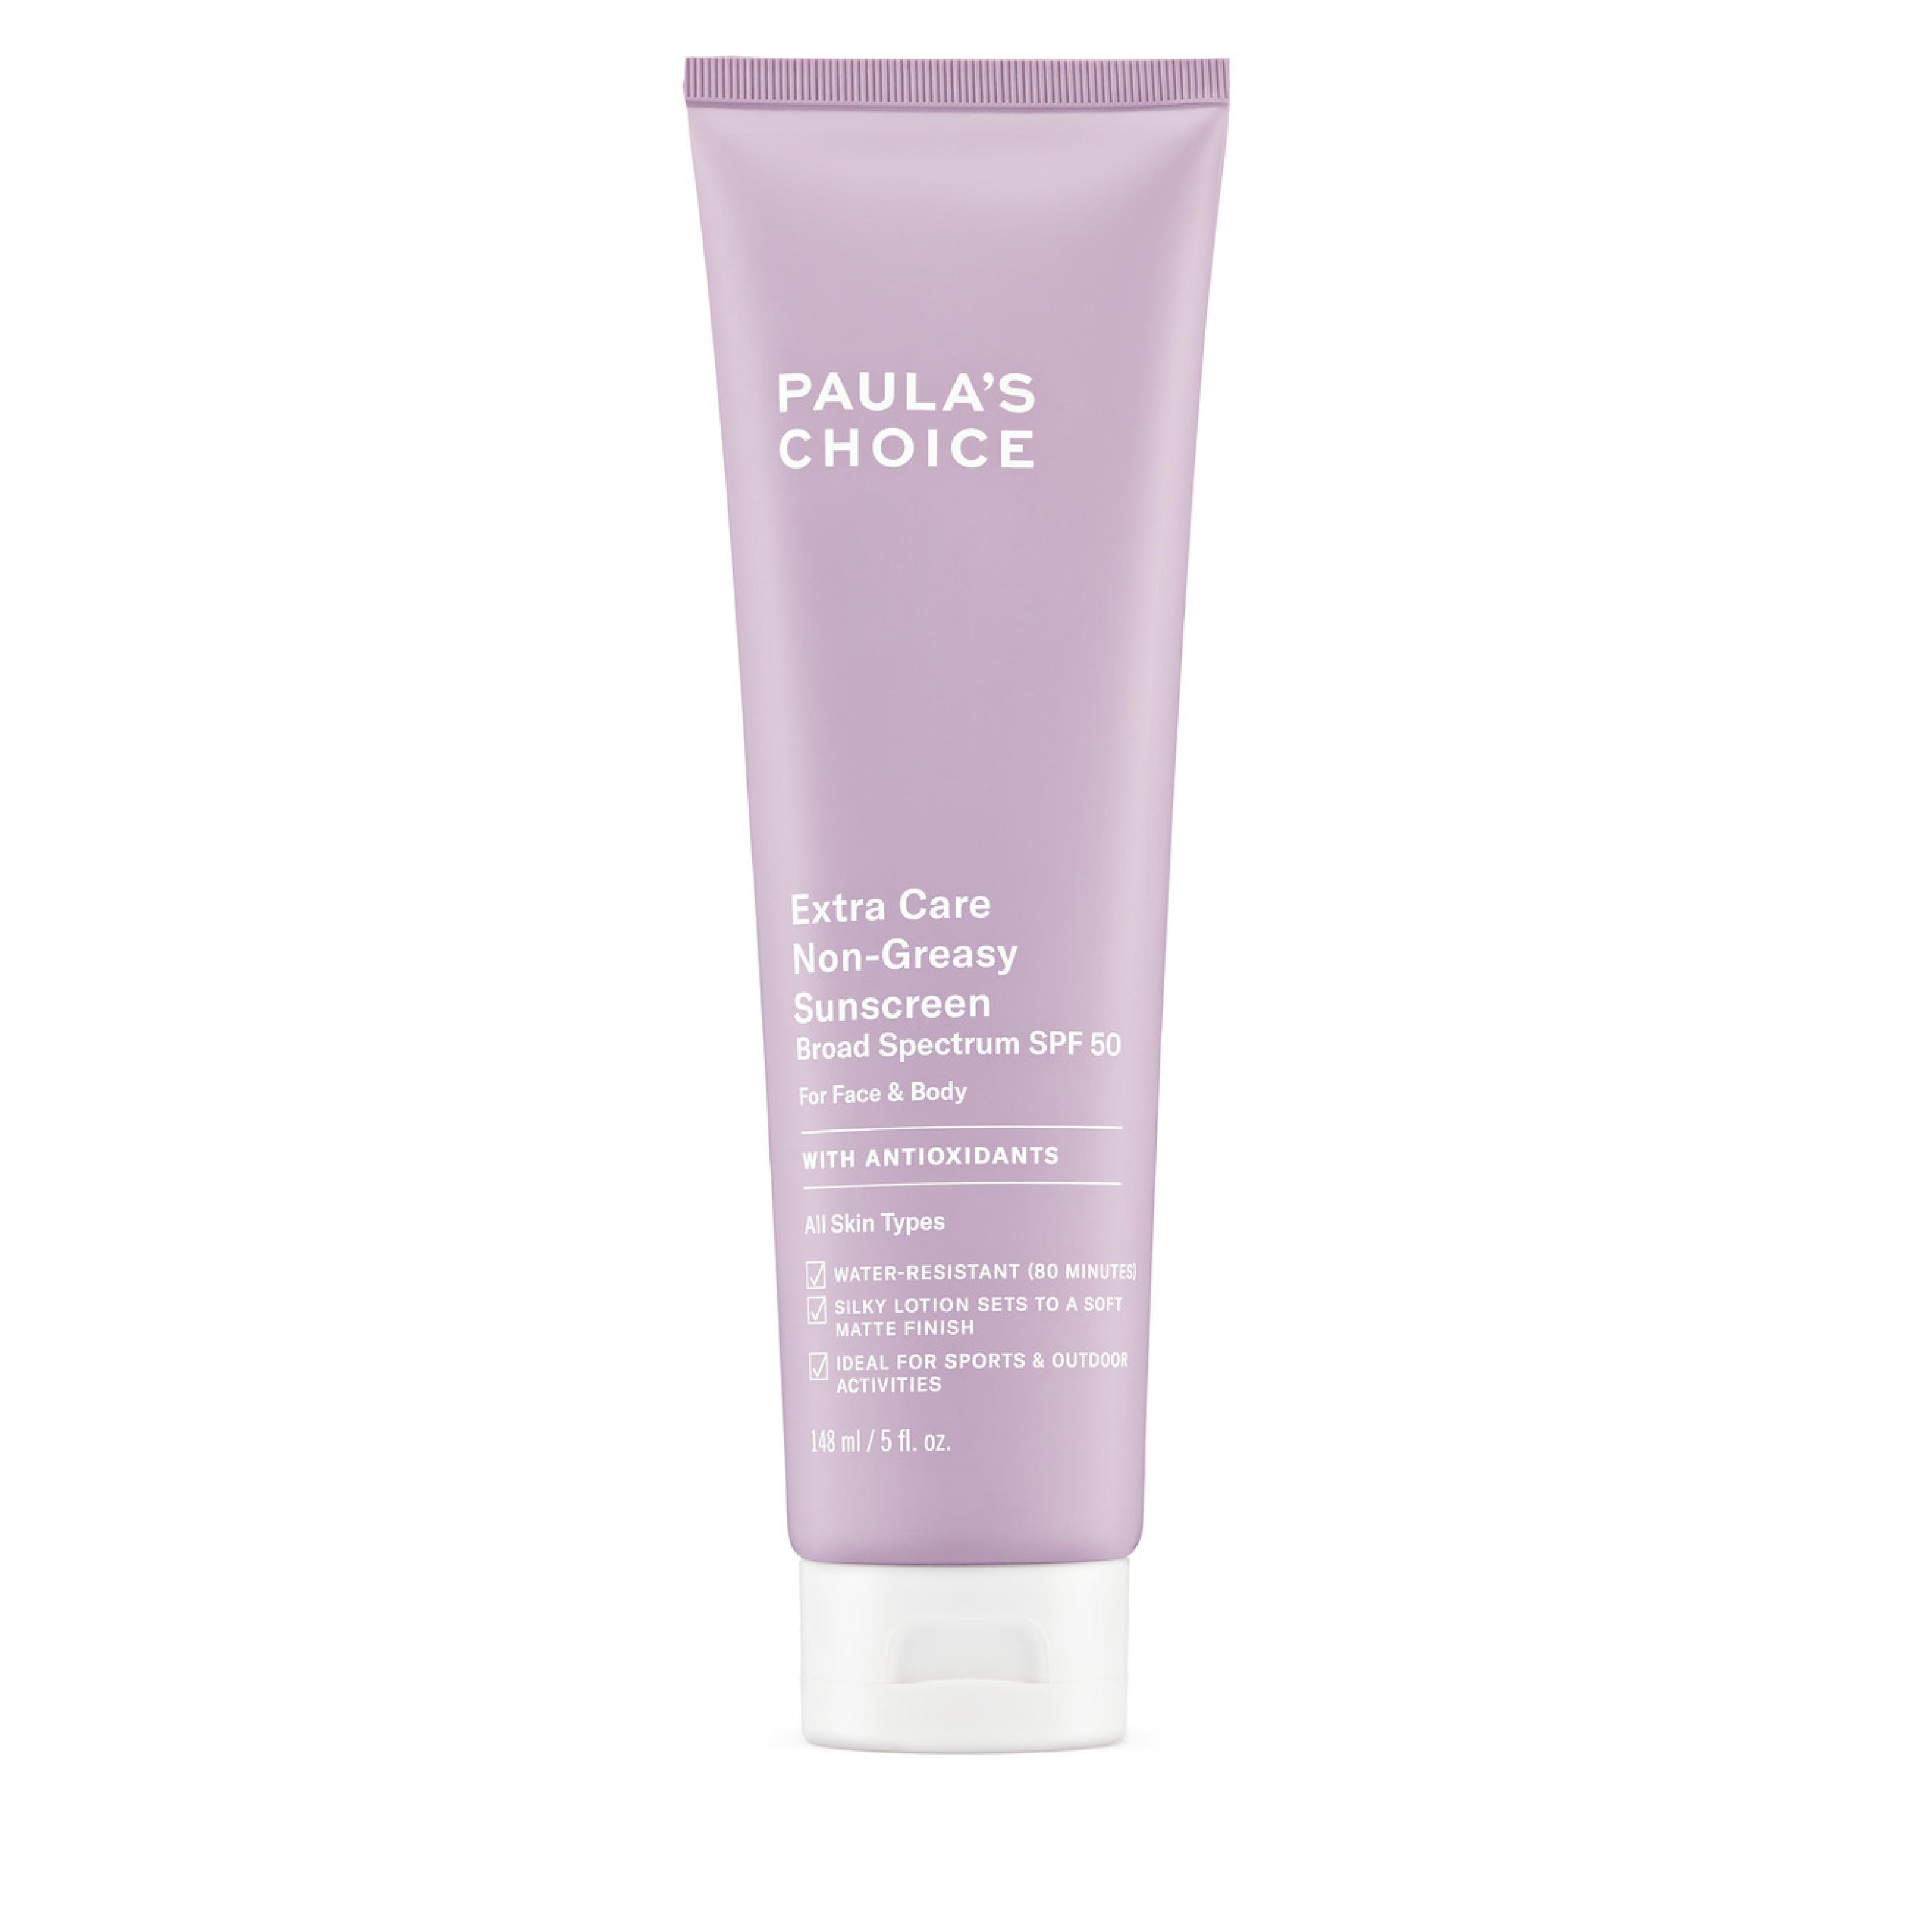 Kem chống nắng siêu chịu nước Paula's Choice Extra Care Non Greasy Sunscreen SPF 50 148ml